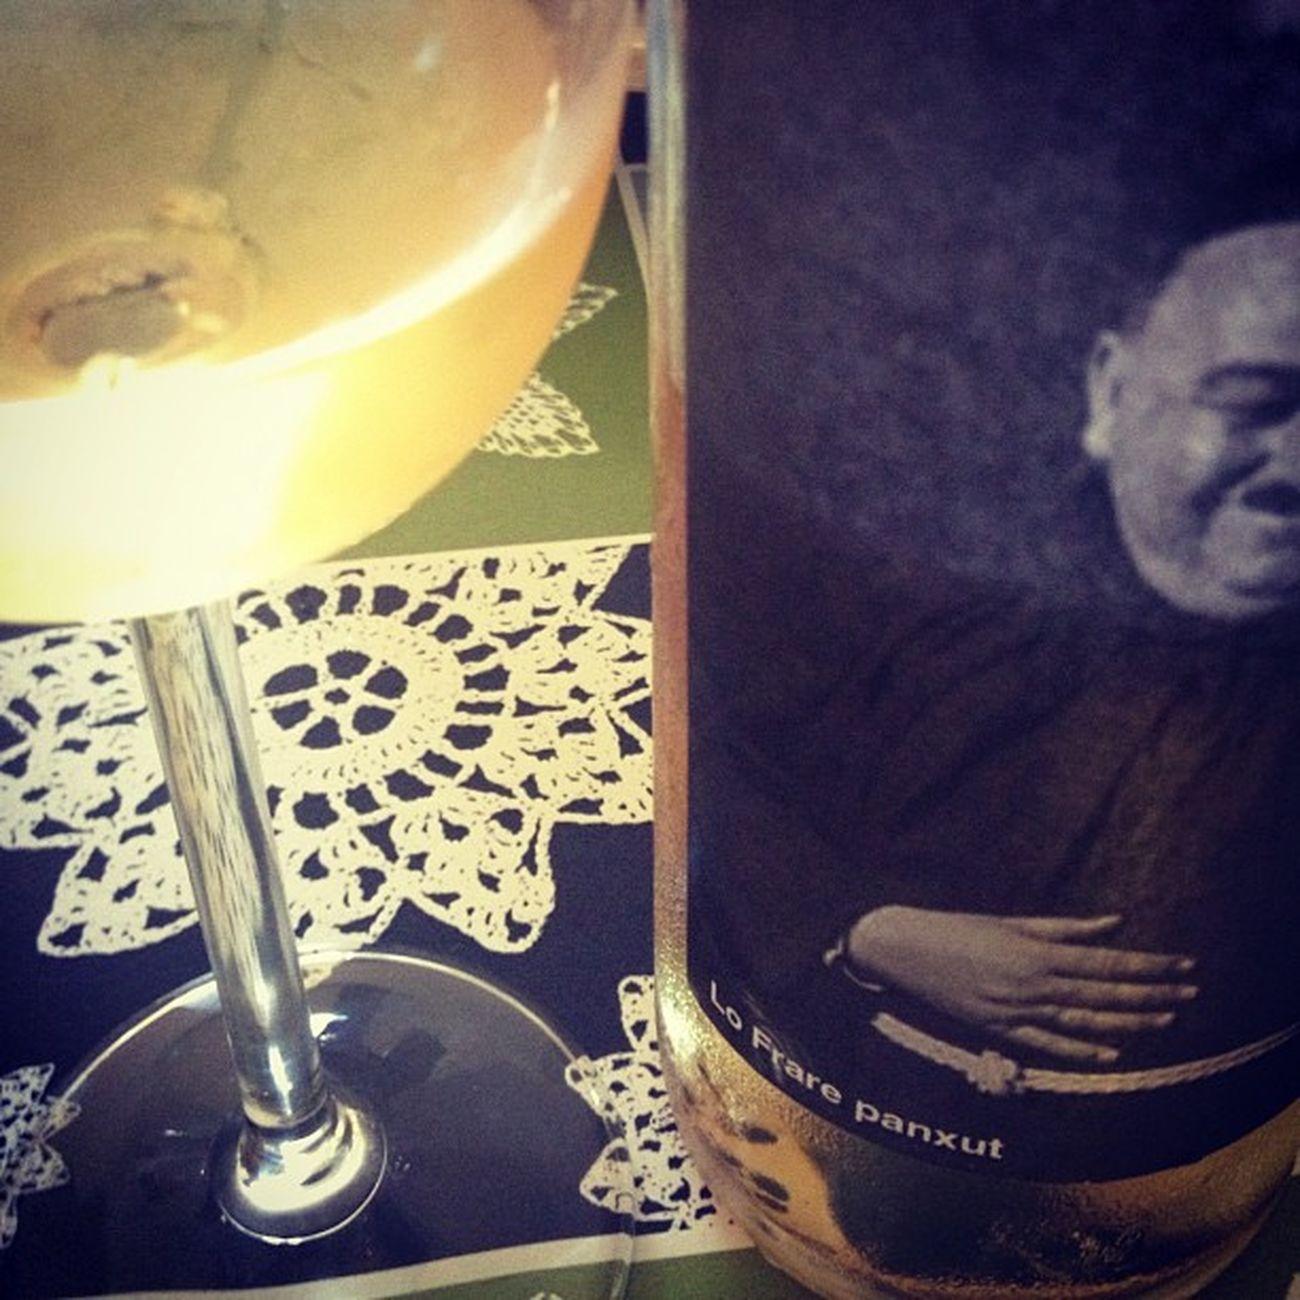 Visca molt Lo Frare panxut, garnatxa blanca #wine #vi Wine Vi